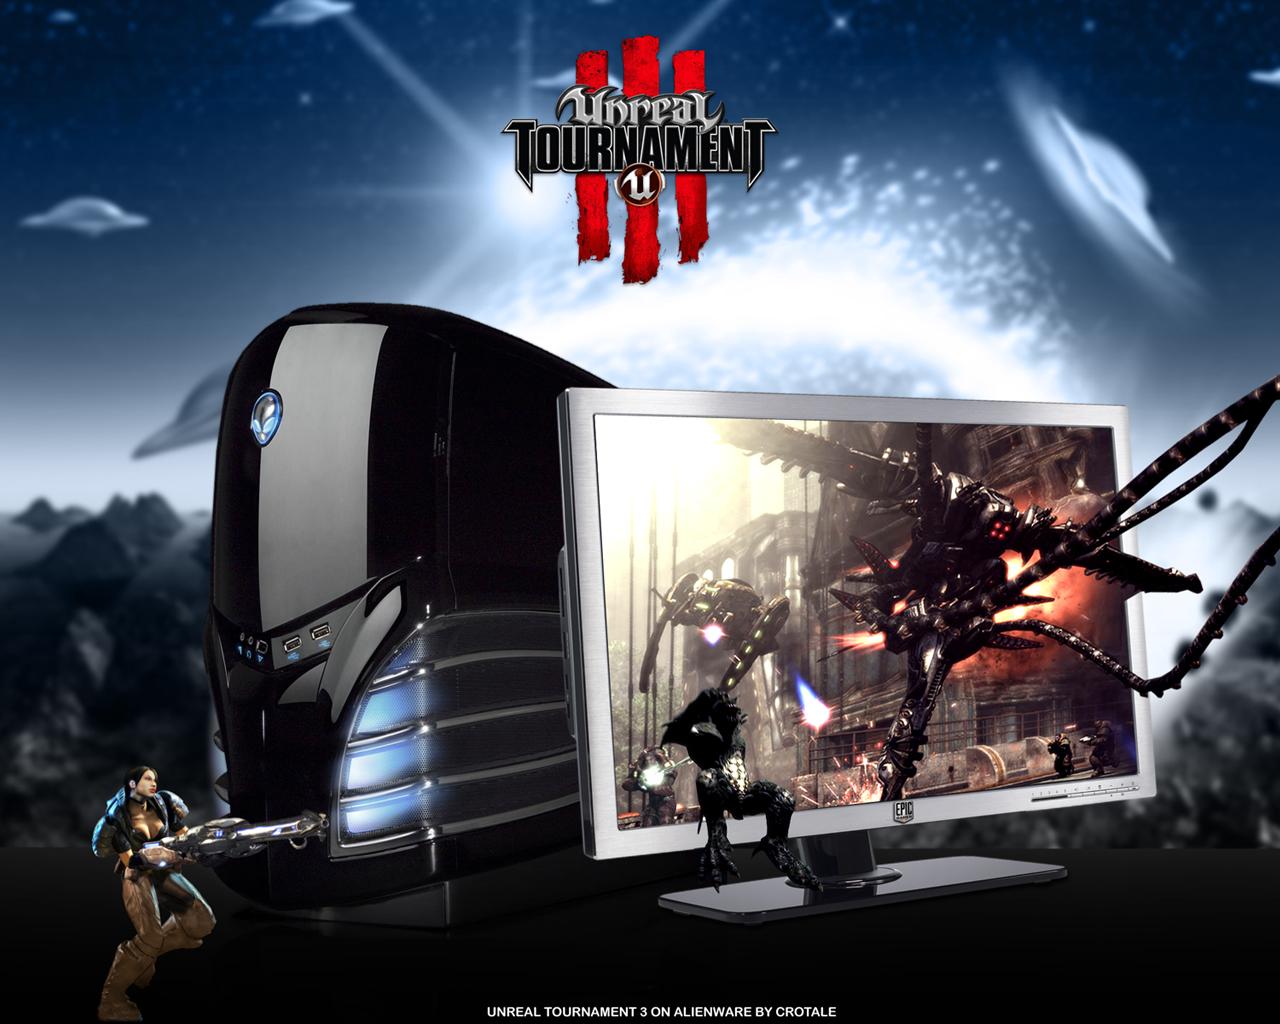 壁紙 Unreal Tournament ゲーム ダウンロード 写真